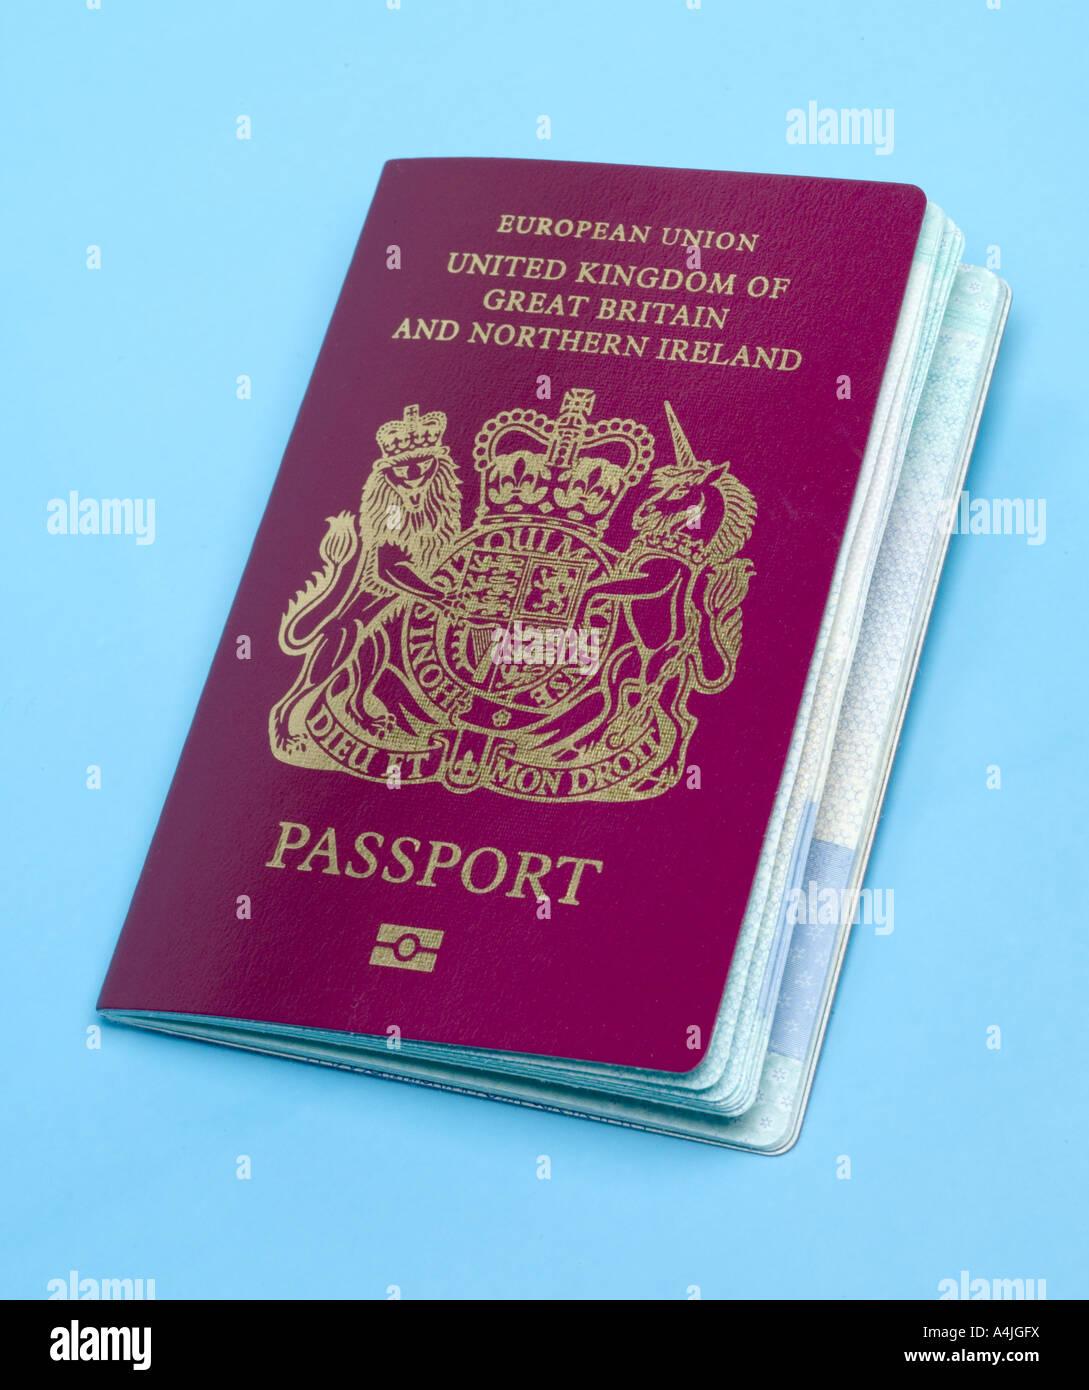 2007 new style British passport with biometric chip - Stock Image